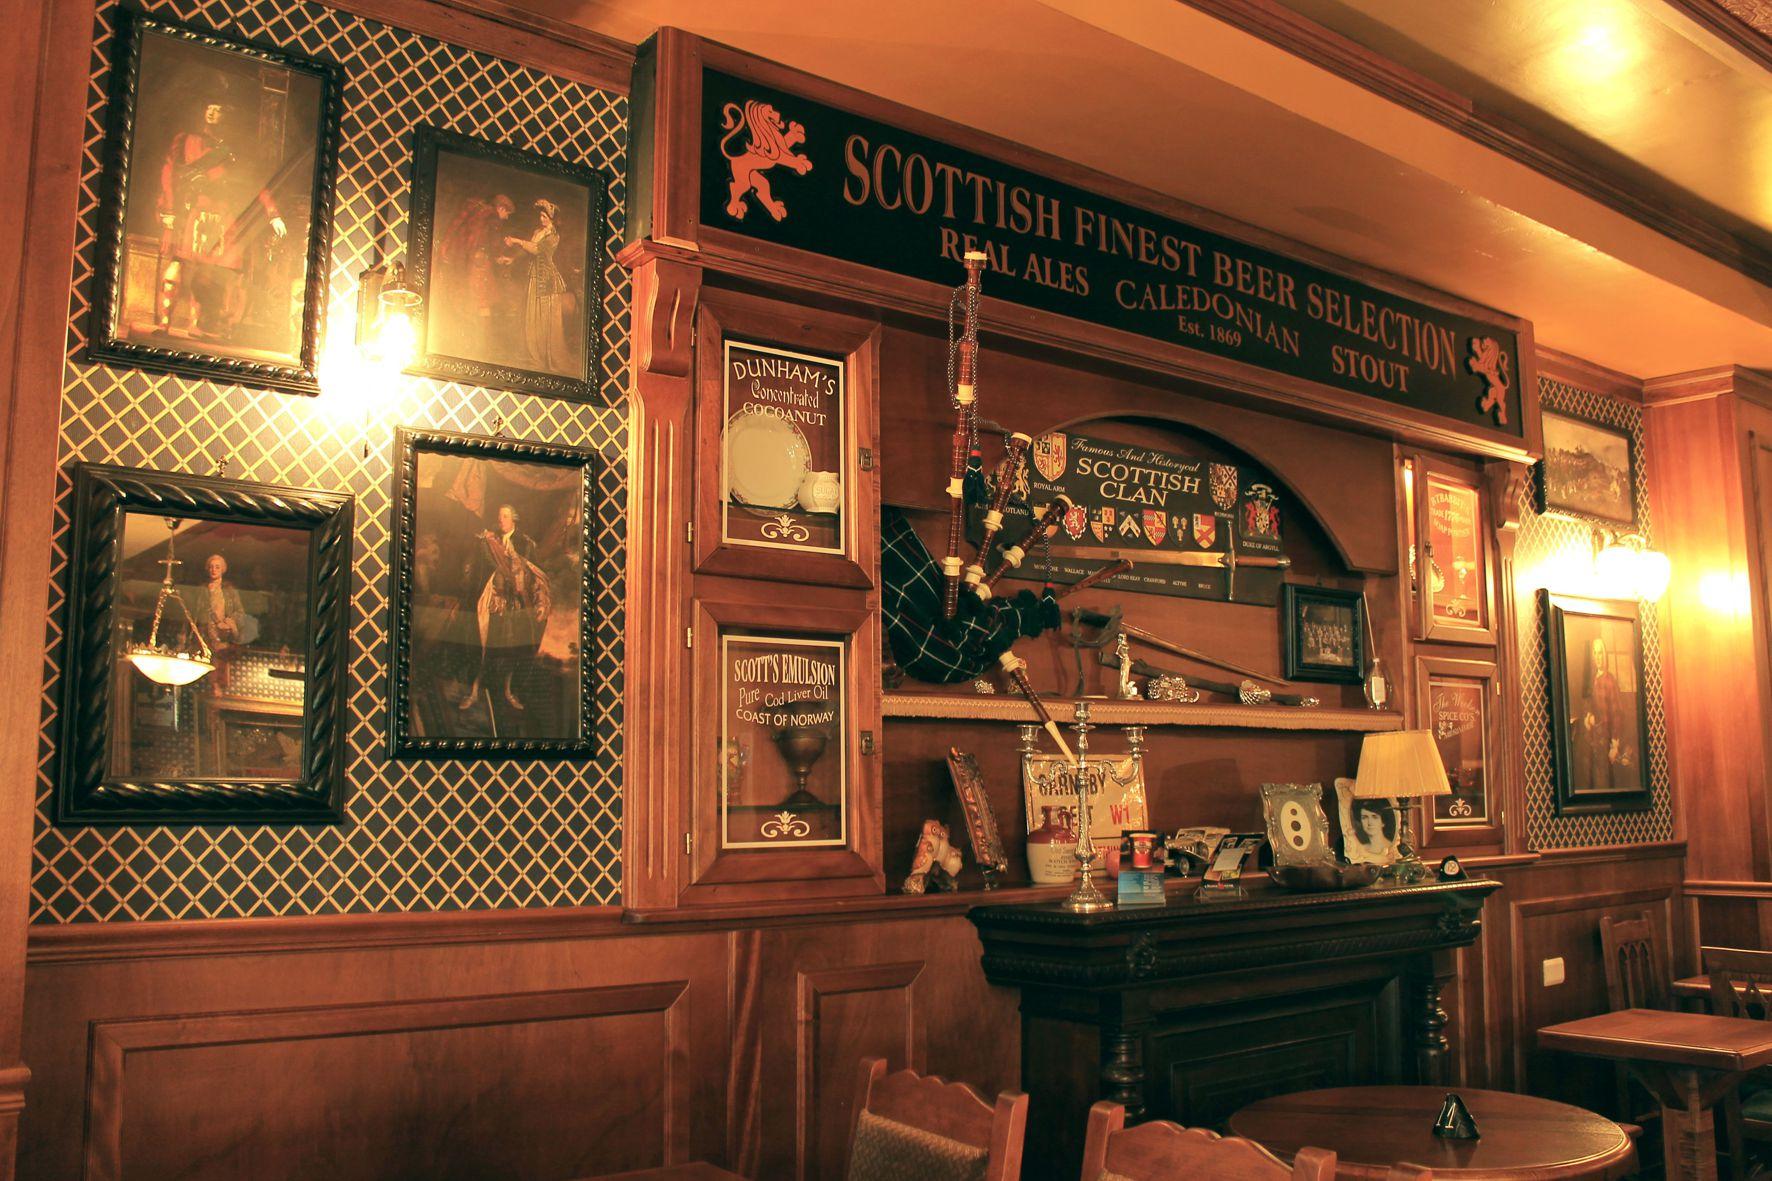 Arredamento pub stile scottish camproject for Arredamento usato per pub